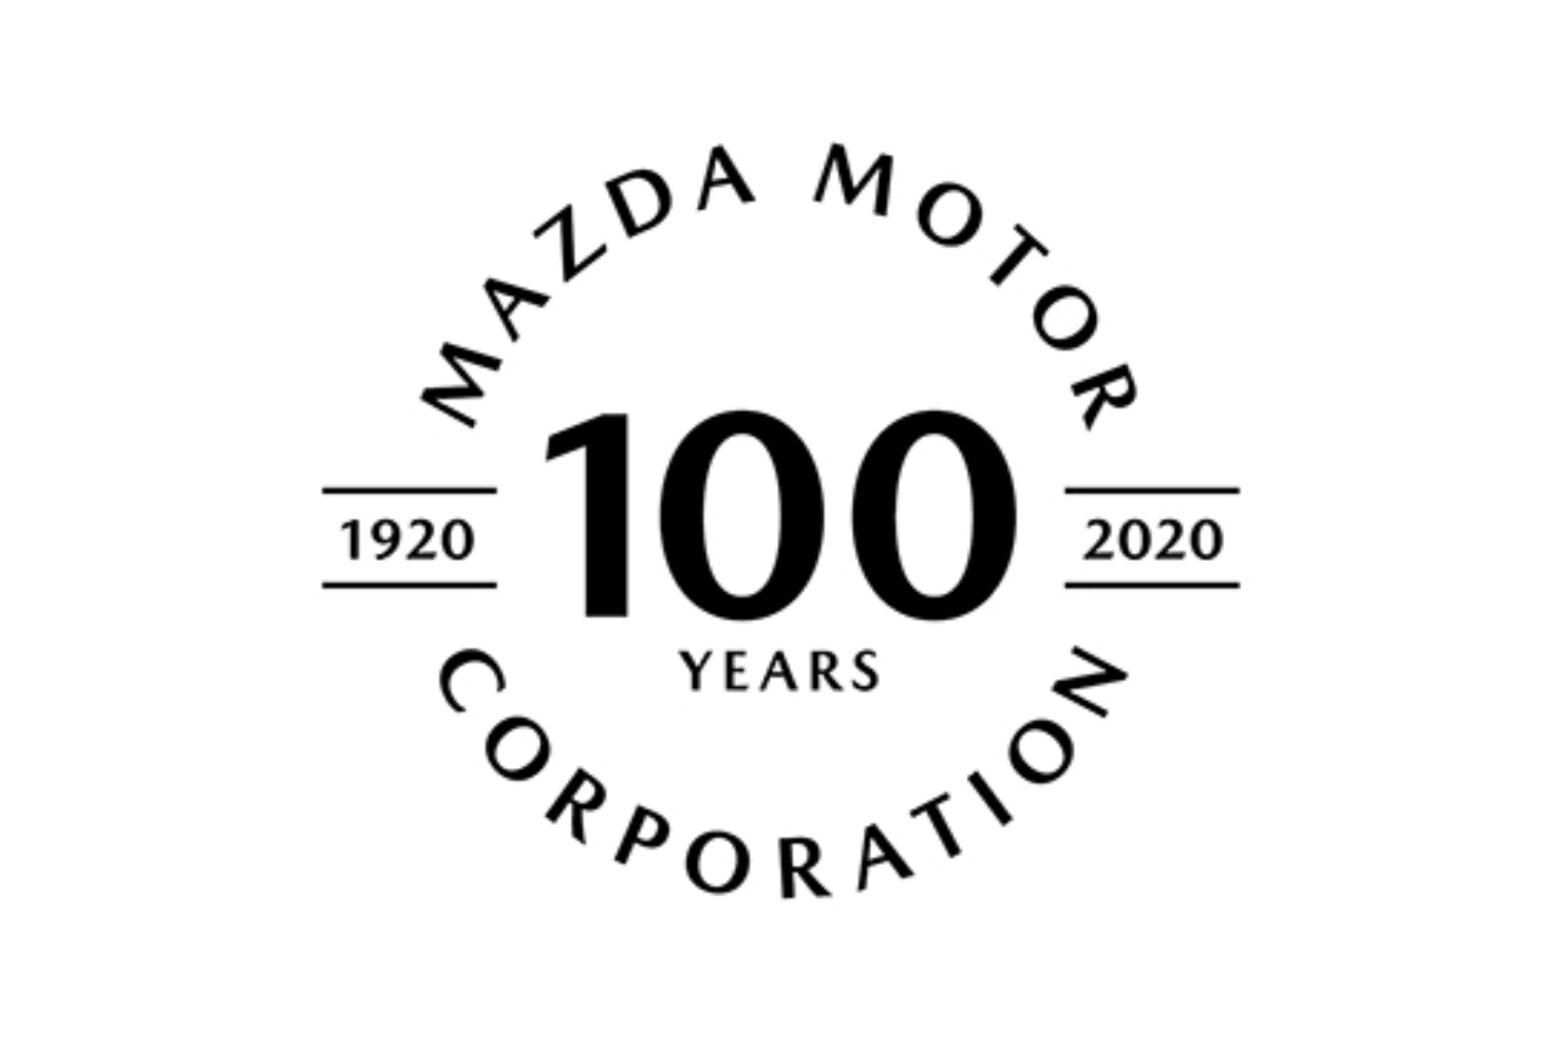 【マツダの歴史と名車】コルク製造から無理と言われたエンジンを市販化するまで